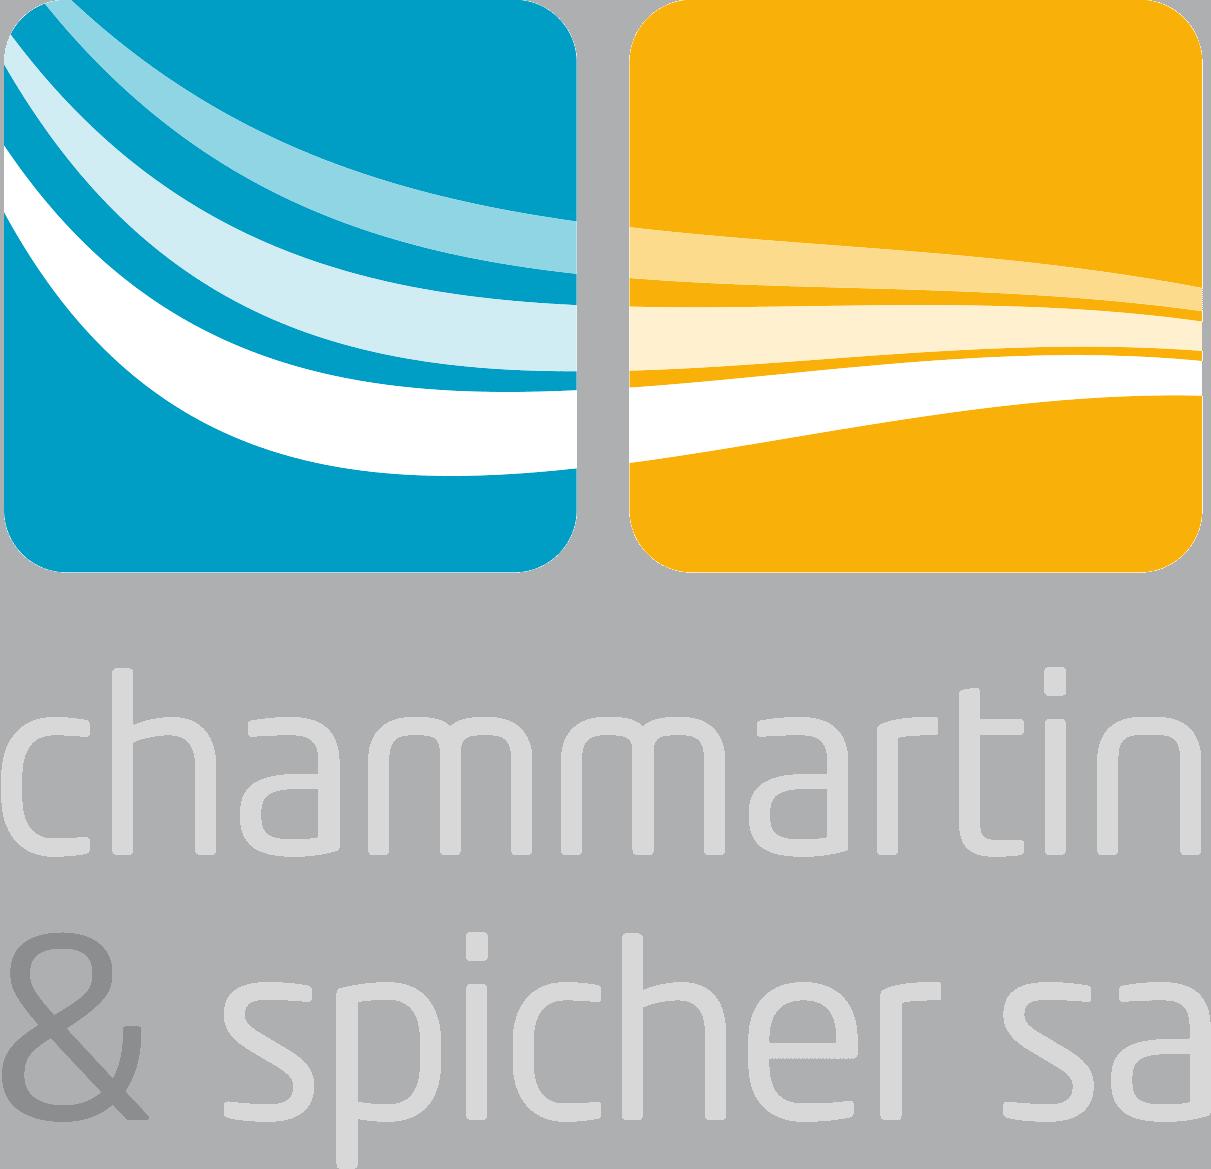 Chammartin & Spicher SA